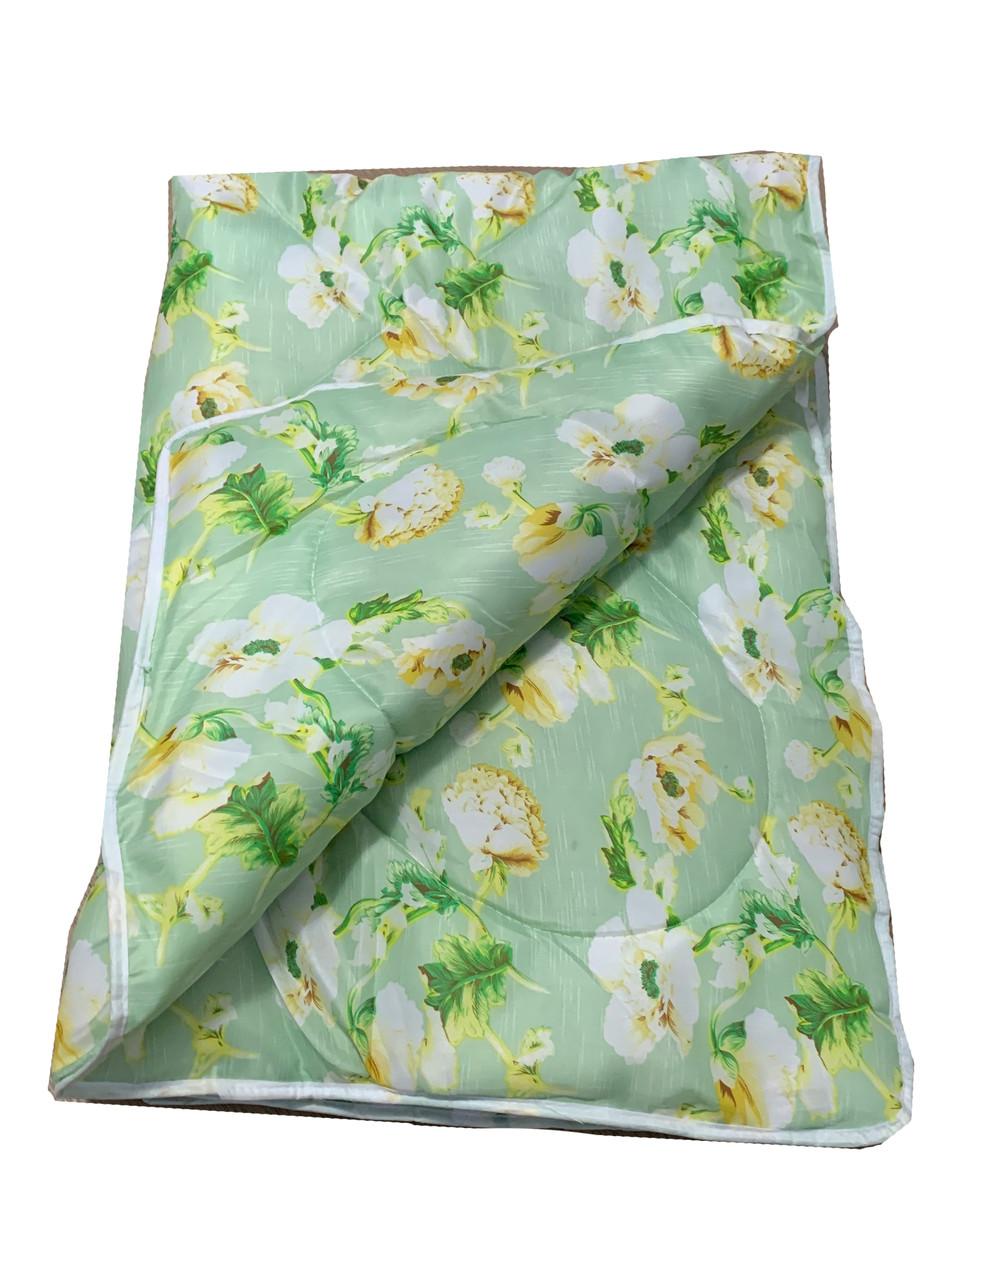 Одеяло салатовое полуторное, холлофайбер 150*220 см, Украина